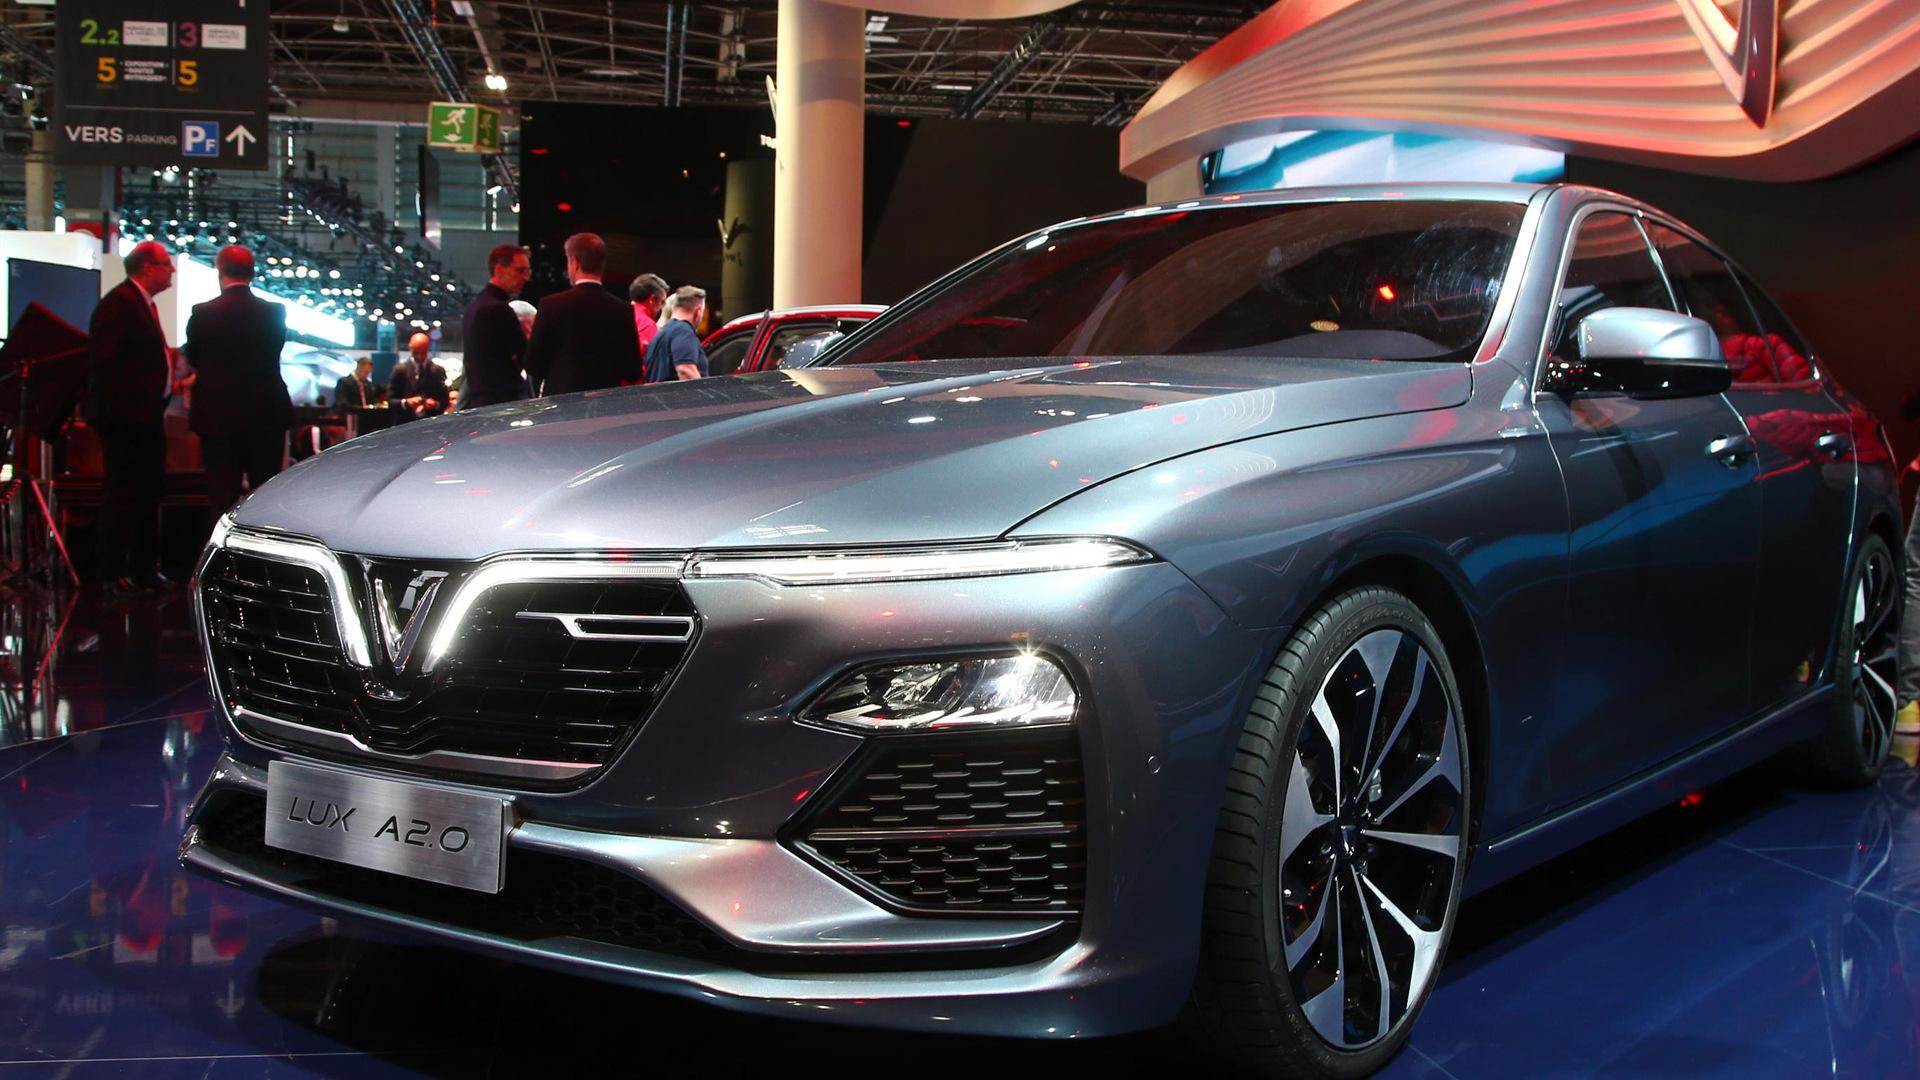 2019 Vinfast Lux A2.0, 2018 Paris auto show